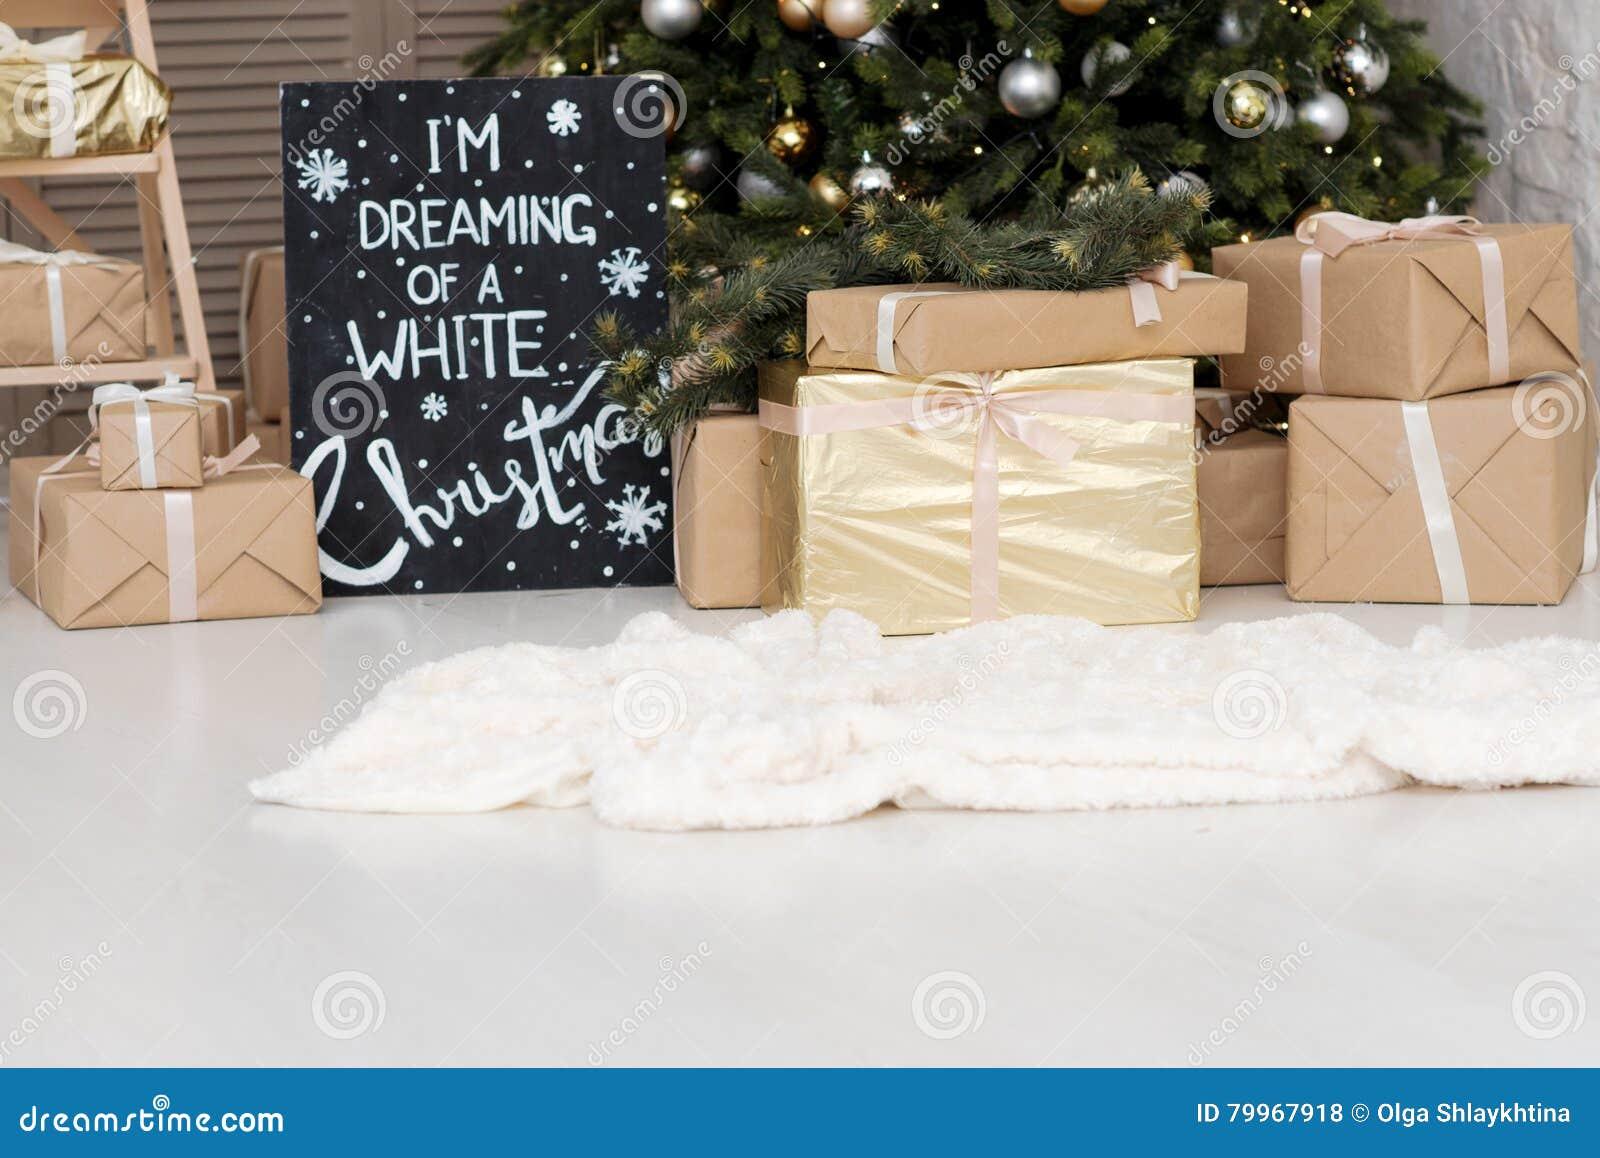 Scatole Per Regali Di Natale.Molte Scatole Con Regali Di Christas Vicino All Albero Di Natale